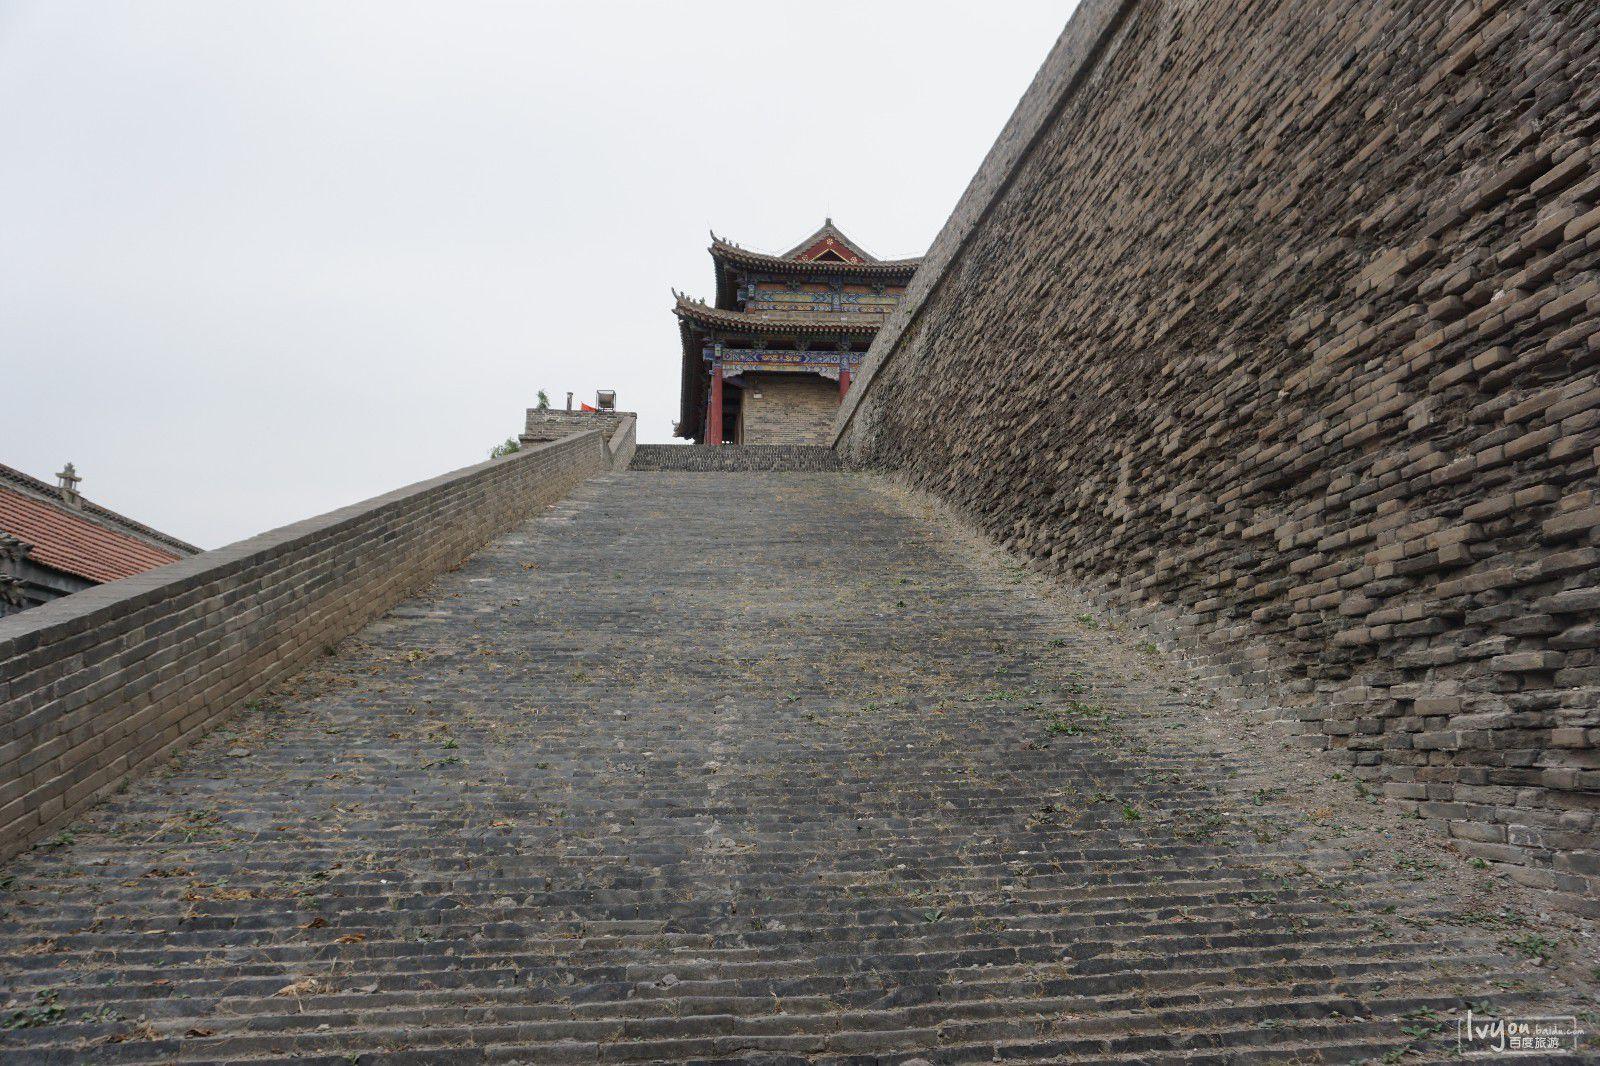 京娘湖<a href=http://www.huaxiacaixun.com/Trave/ target=_blank class=infotextkey>旅游</a>攻略图片37